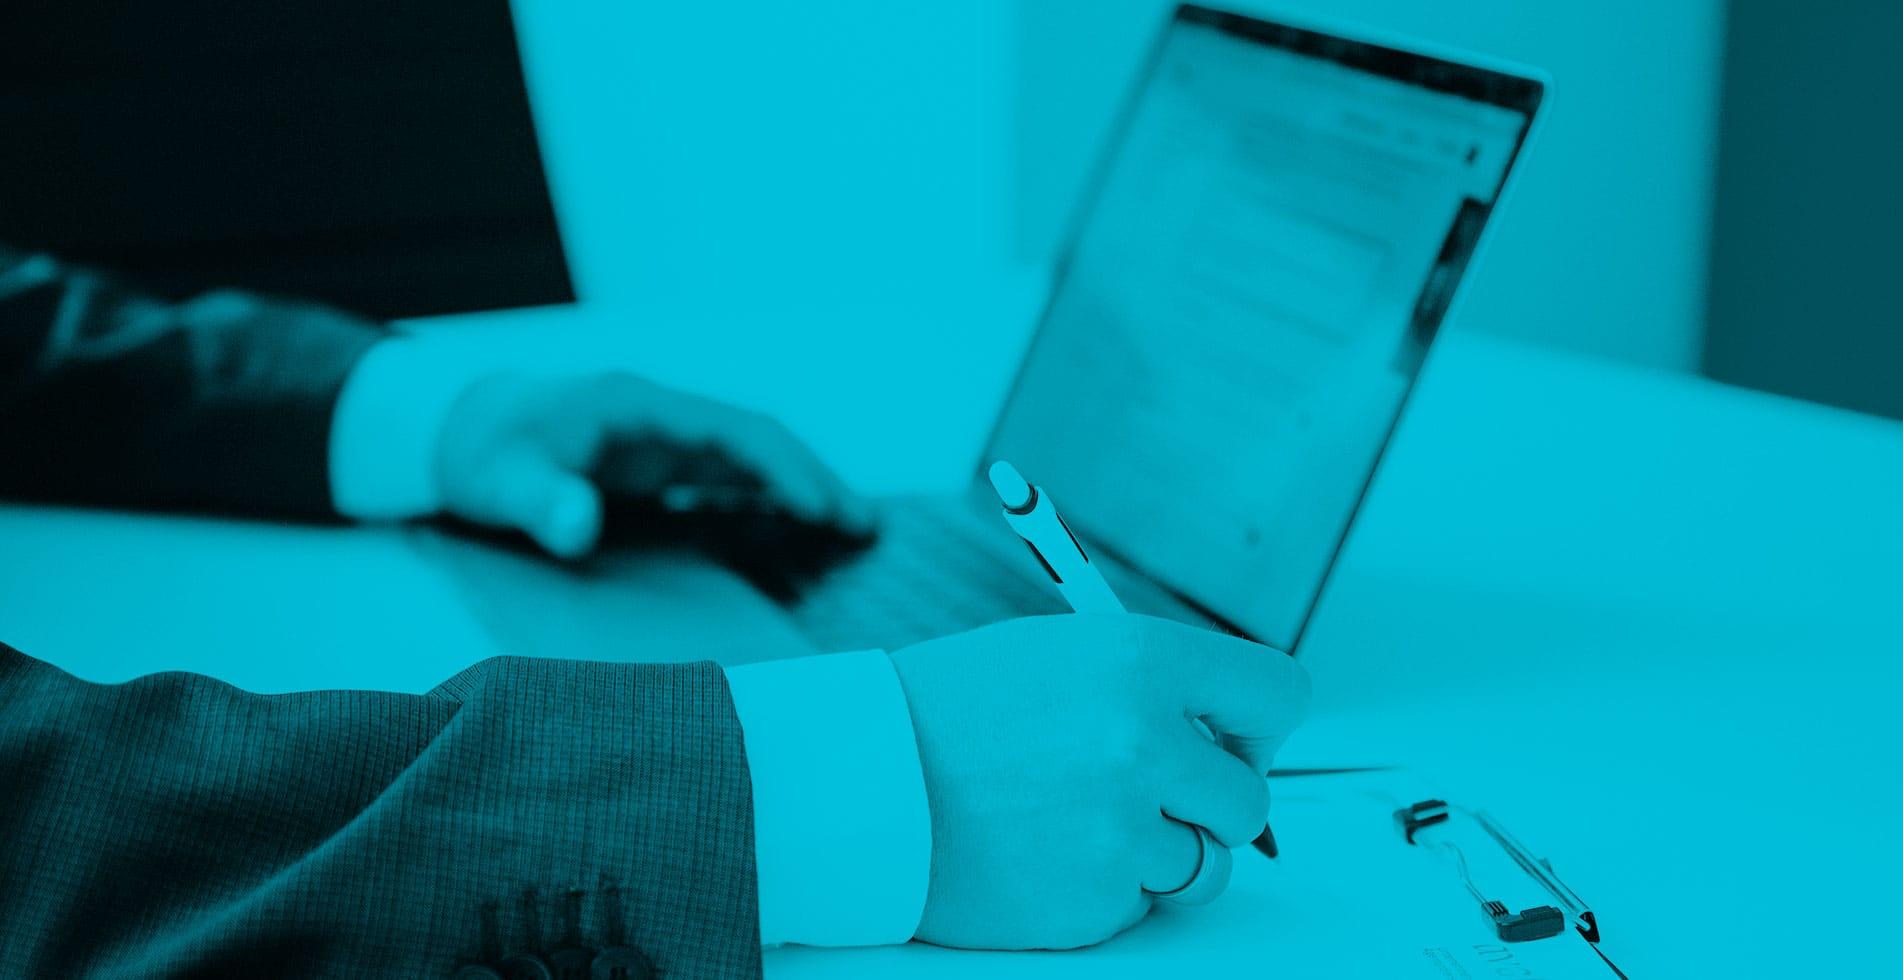 avalia-gruender-businessplan-header-image